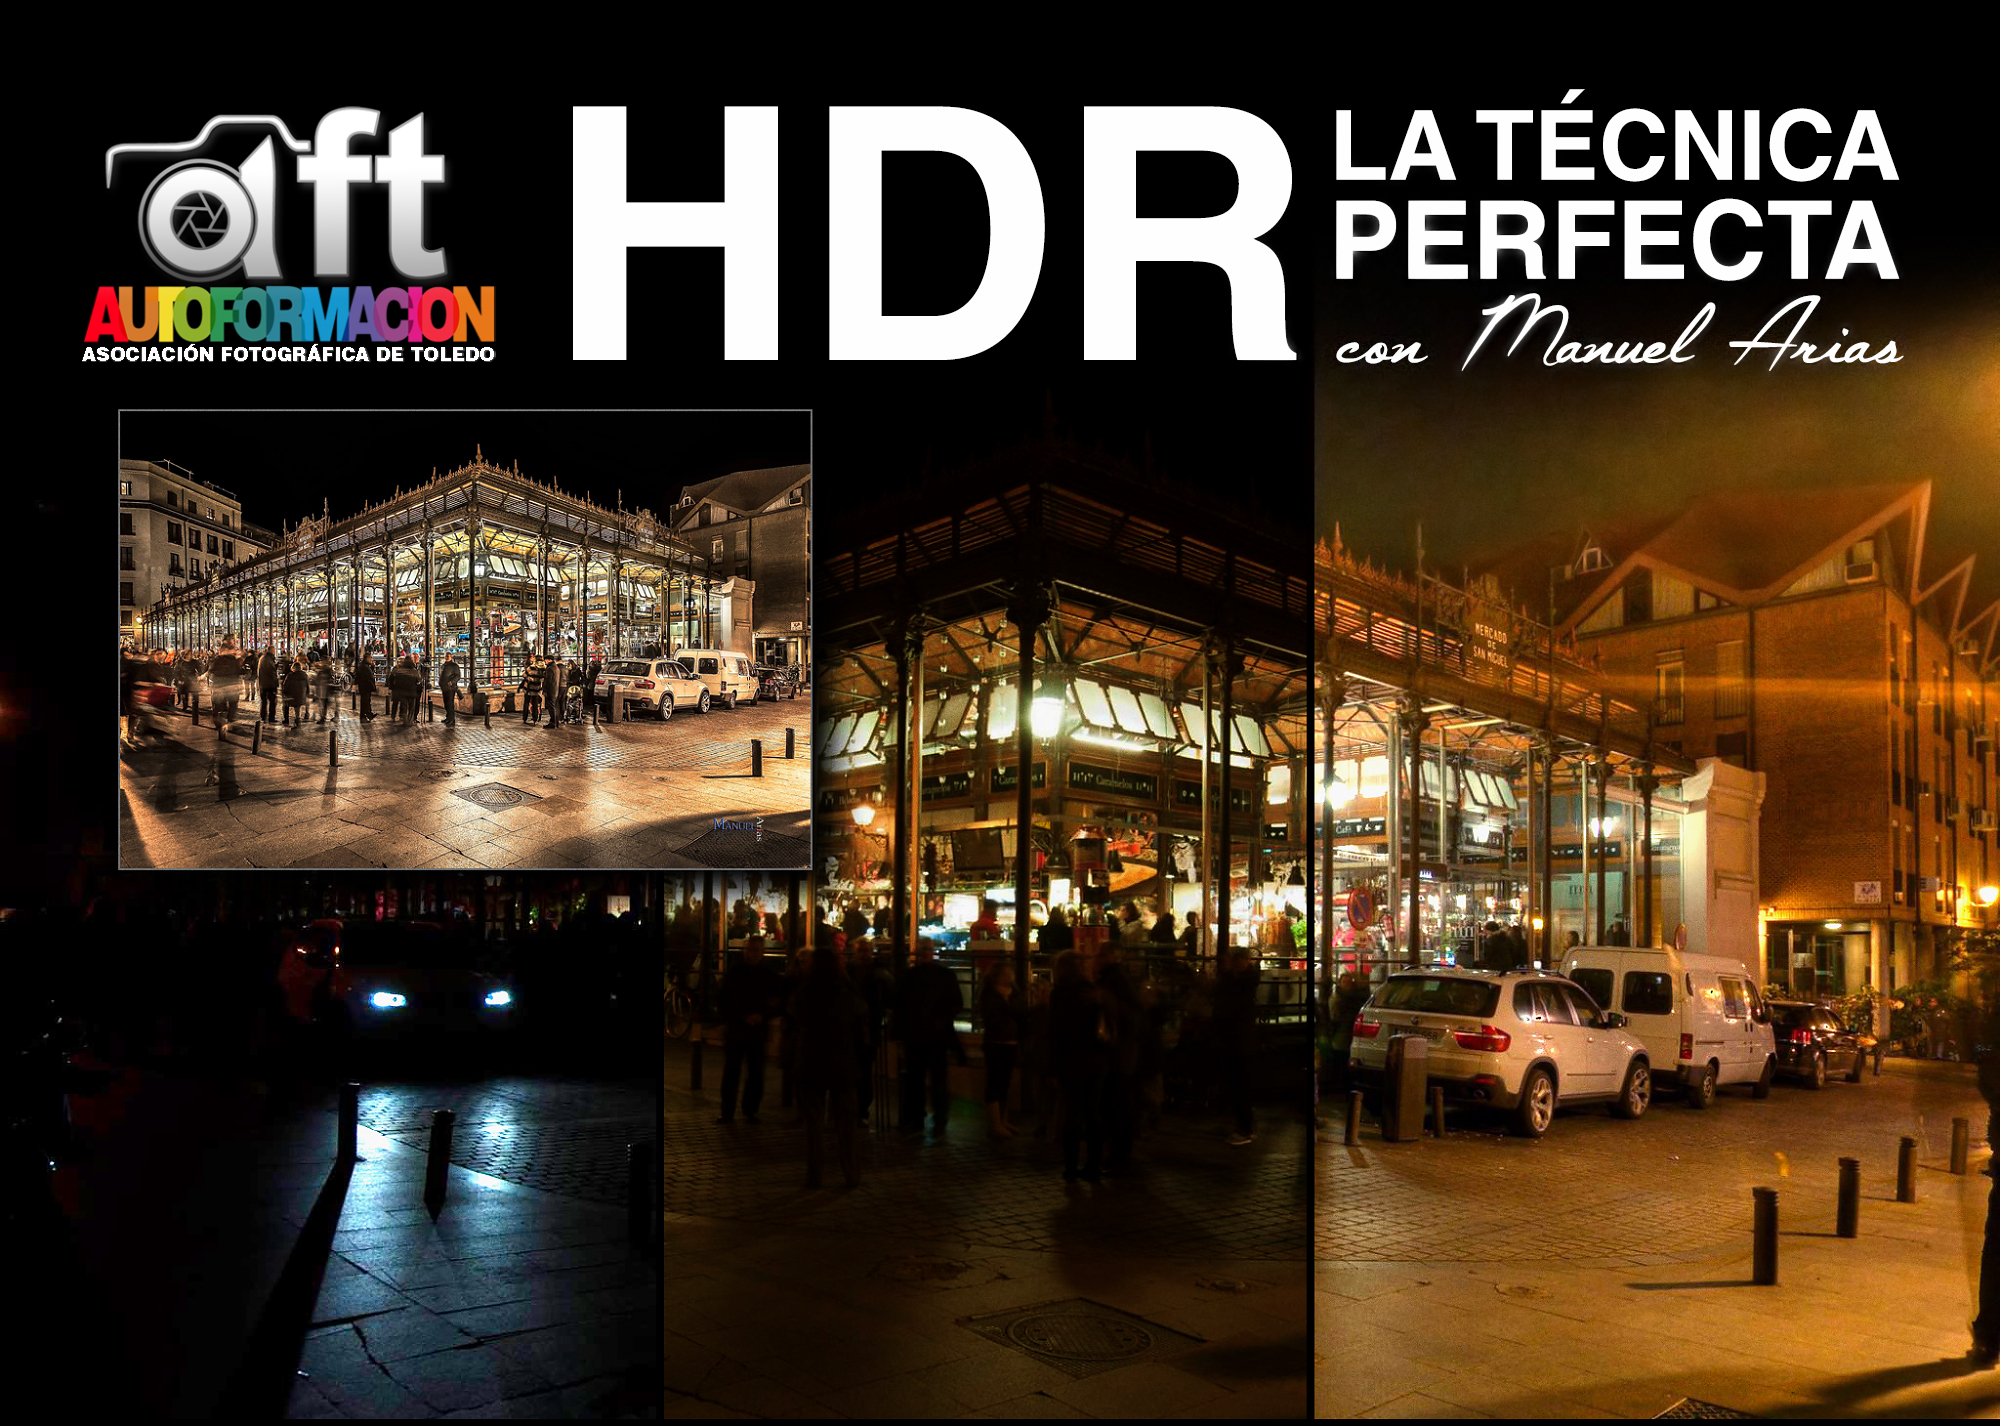 HDR La técnica perfecta. Con Manuel Arias